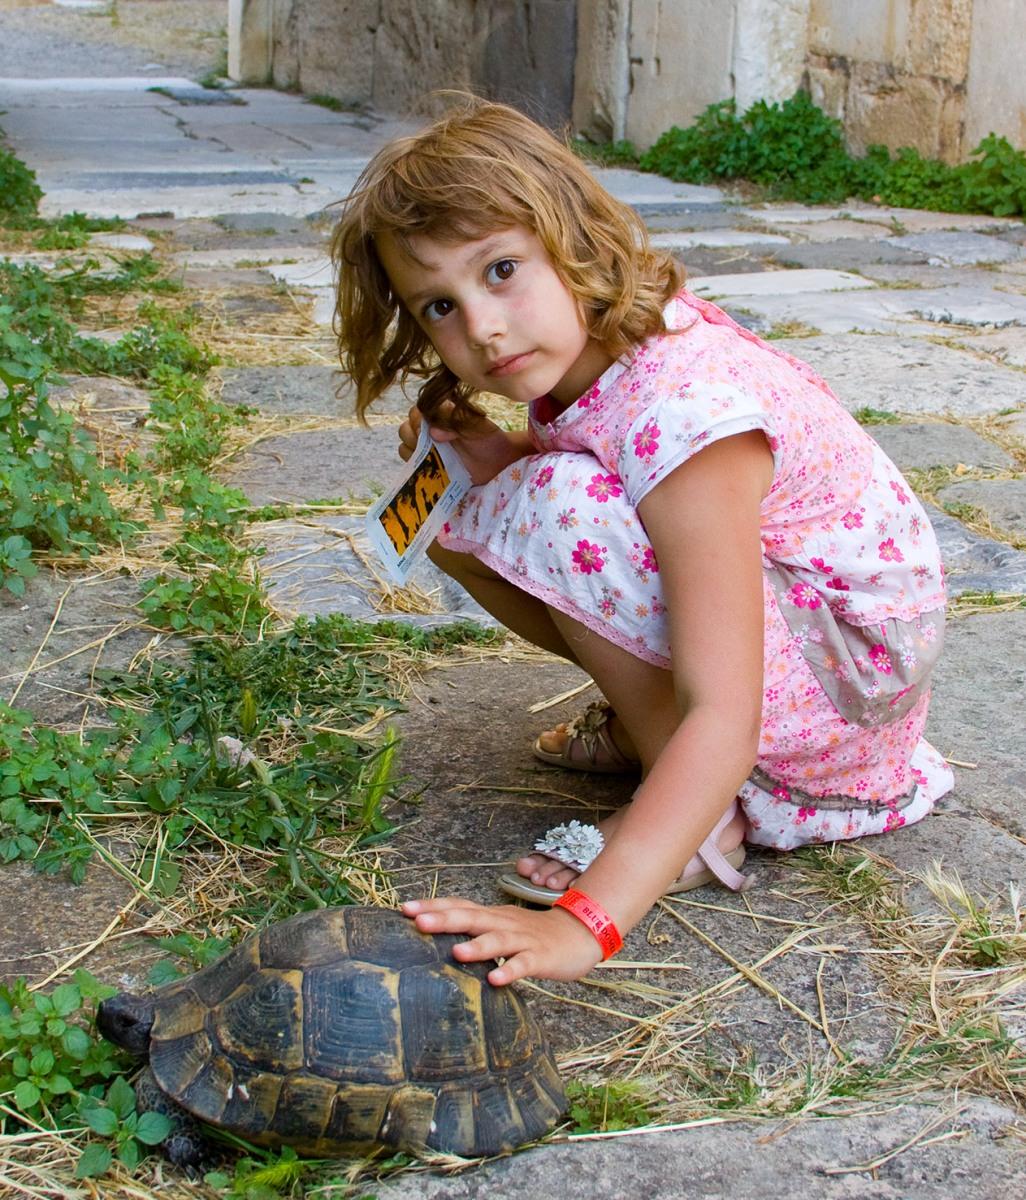 А теперь покатай меня большая черепаха. Наши меньшие друзья